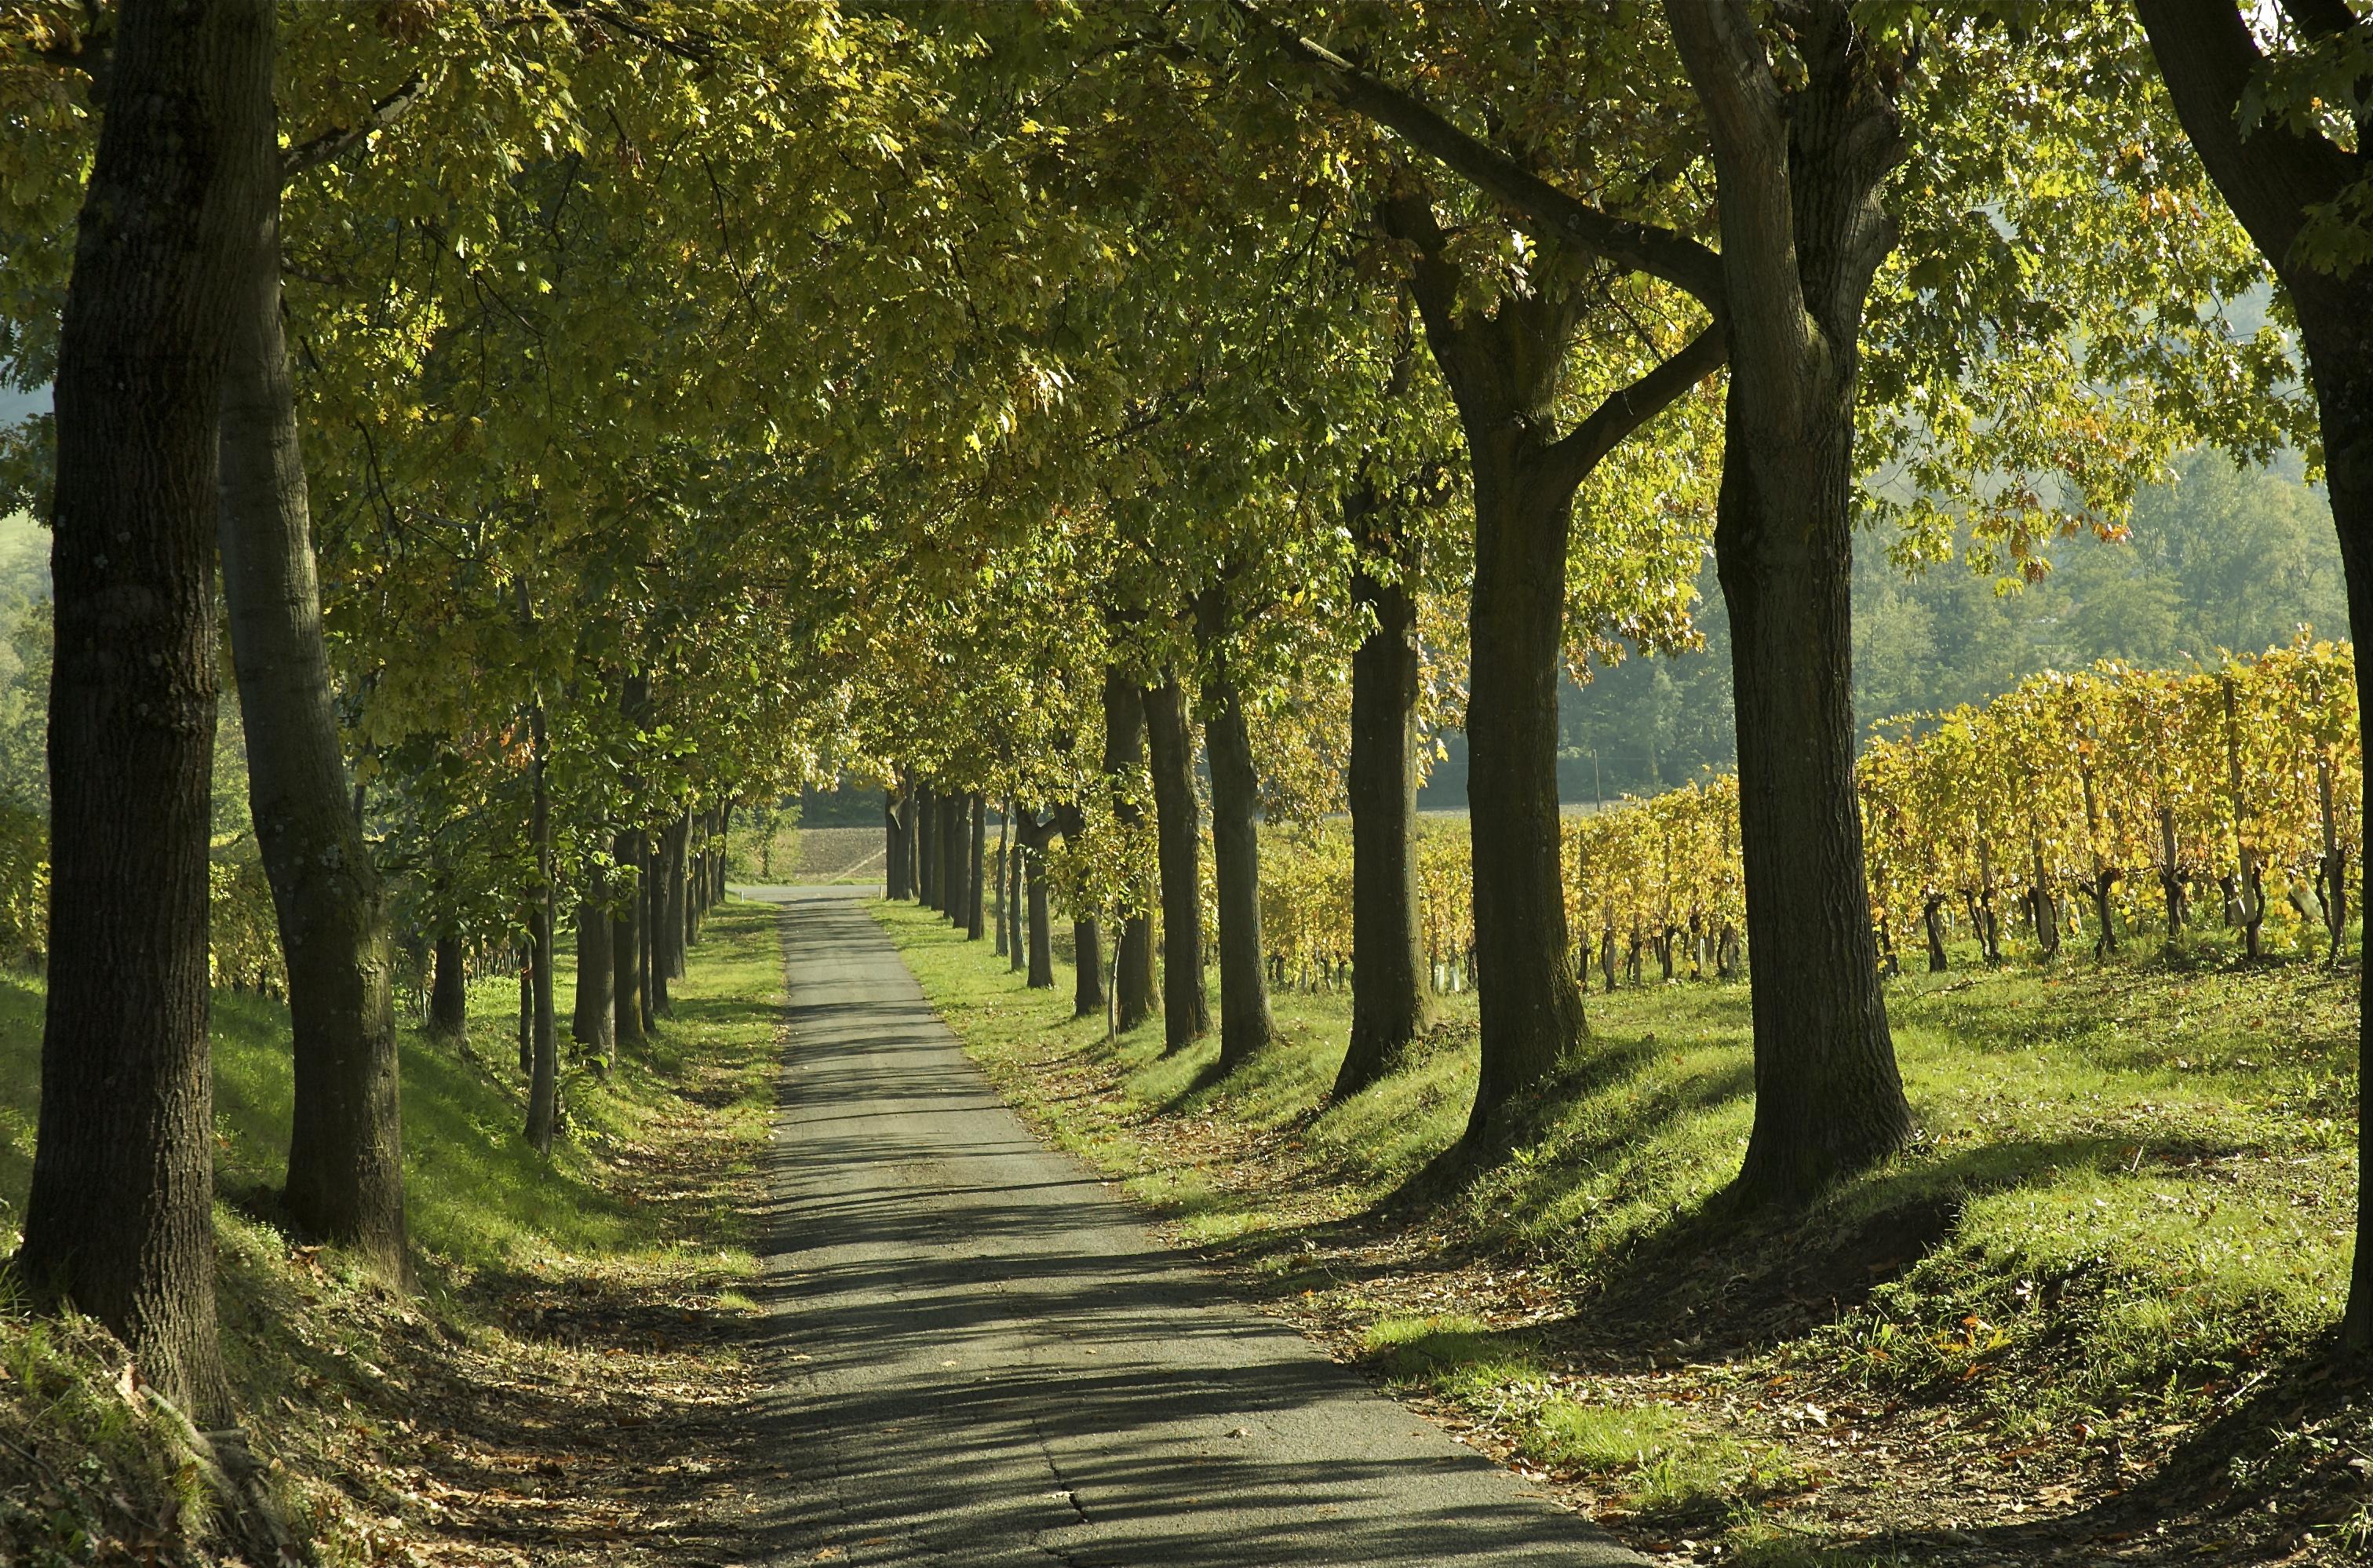 Valtolla il paesaggio agrario e le frane 5 conclusioni for Semplici paesaggi